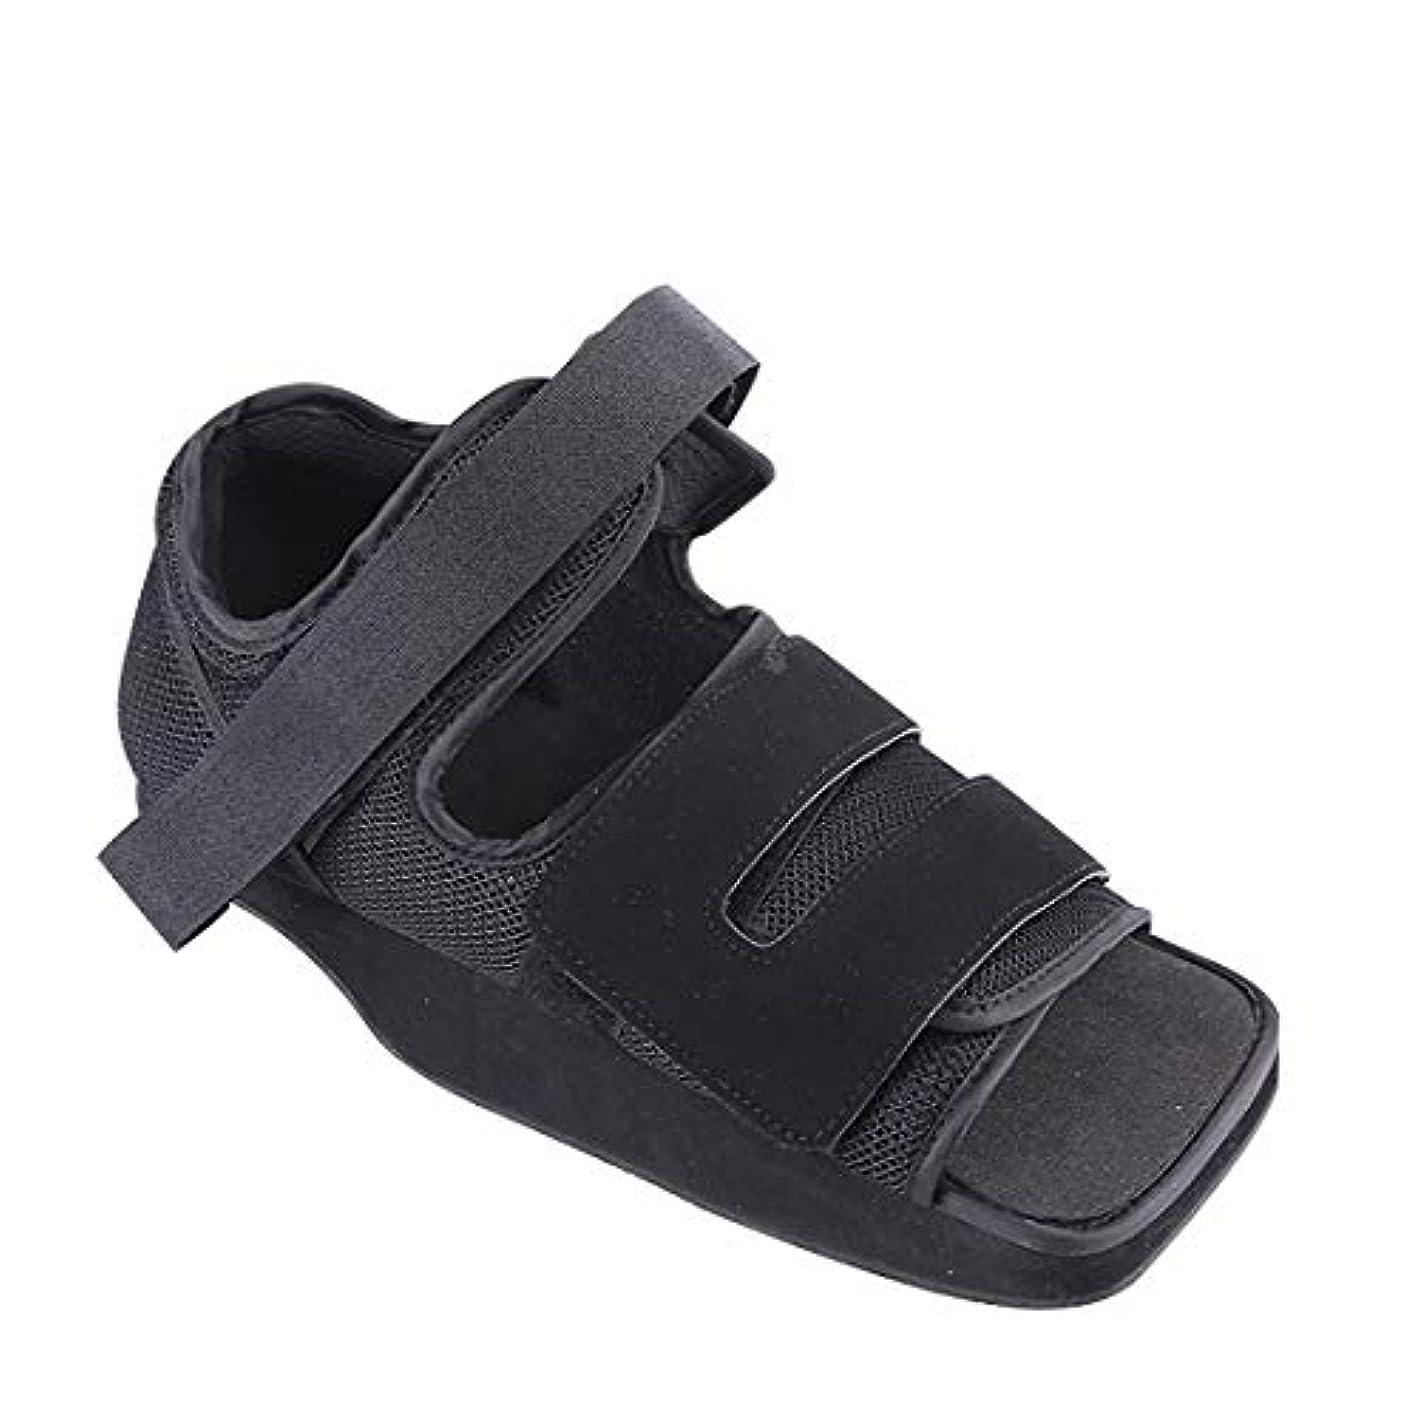 ぼんやりしたシーボード不平を言う医療足骨折石膏の回復靴の手術後のつま先の靴を安定化骨折の靴を調整可能なファスナーで完全なカバー,L28cm